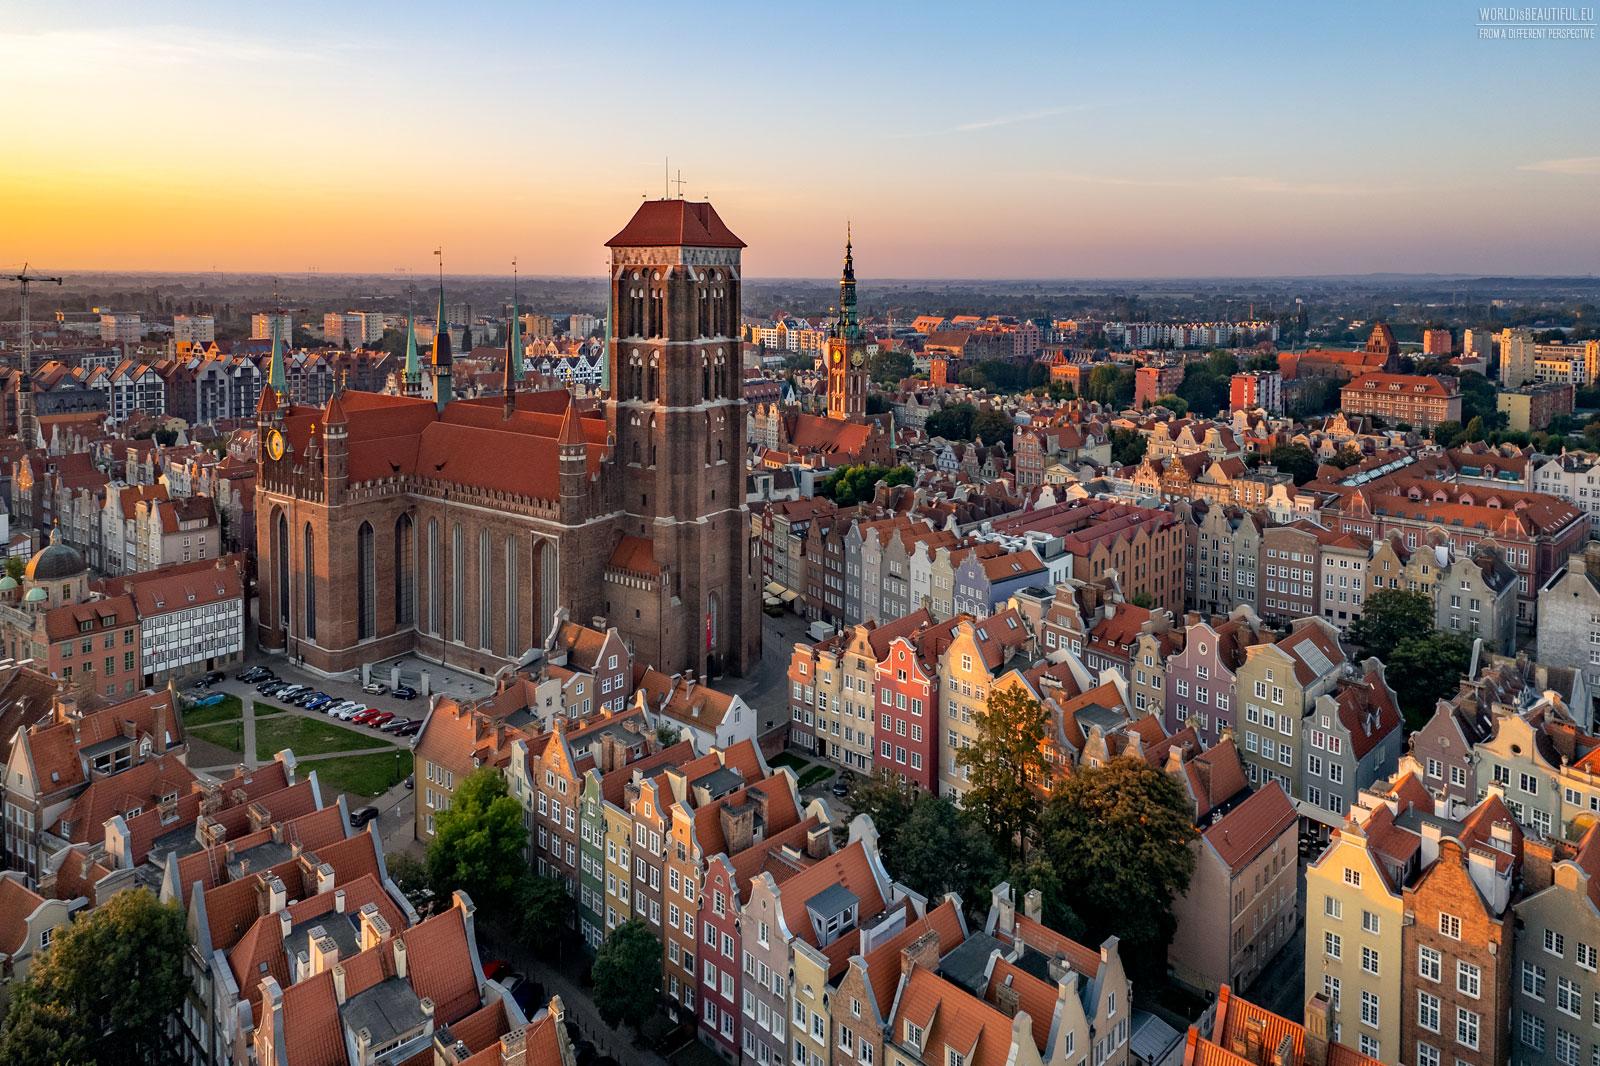 Summer morning in Gdańsk